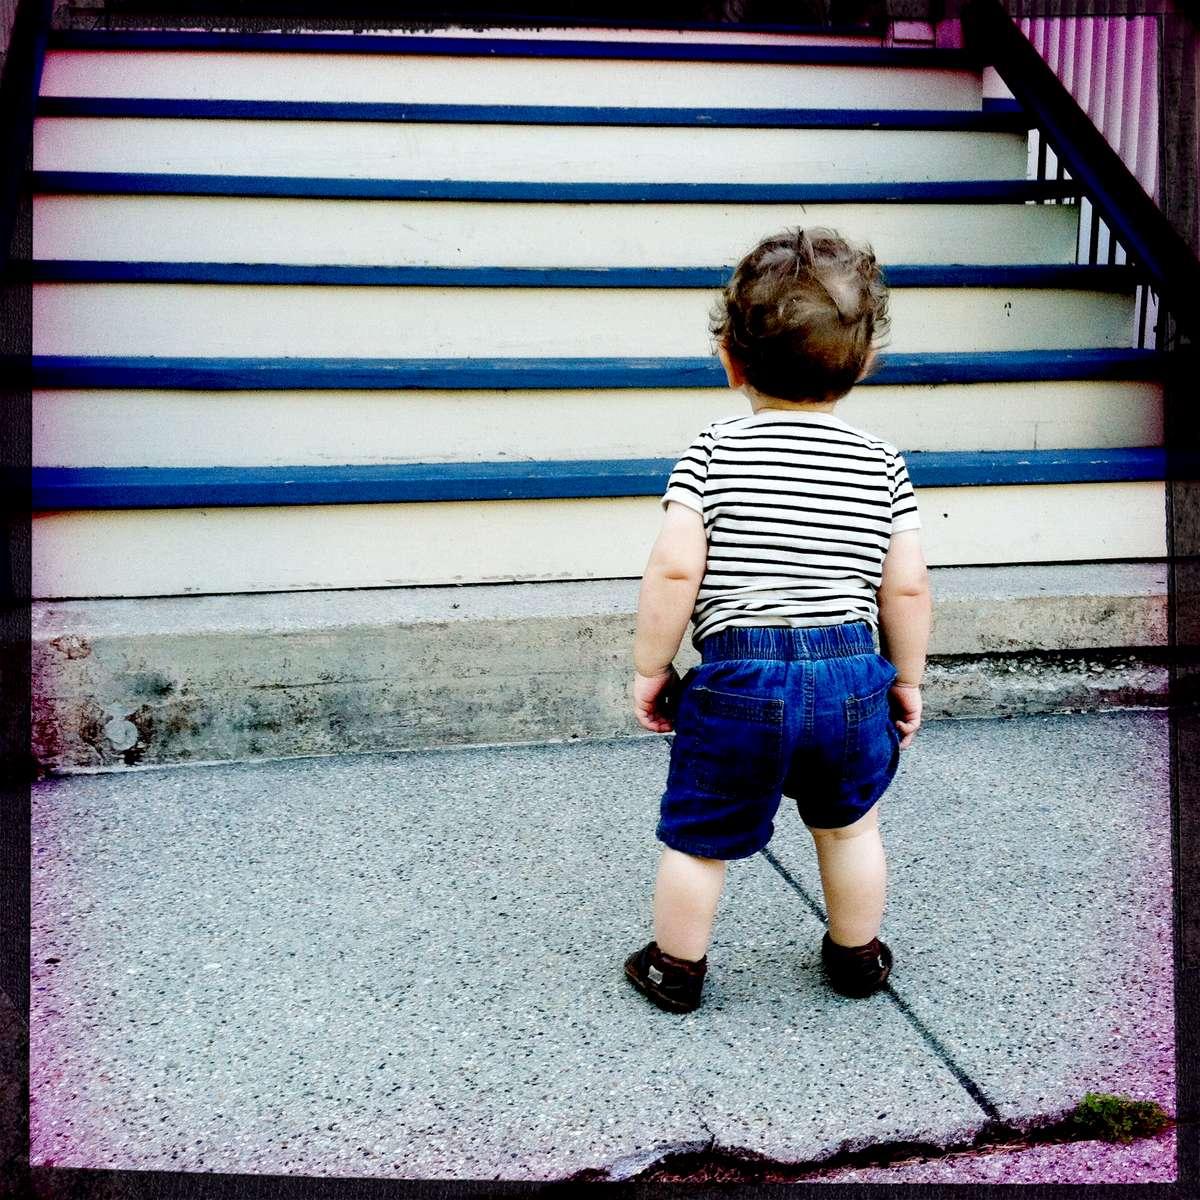 Luka stares at his seemingly insurmountable task. July 2015.